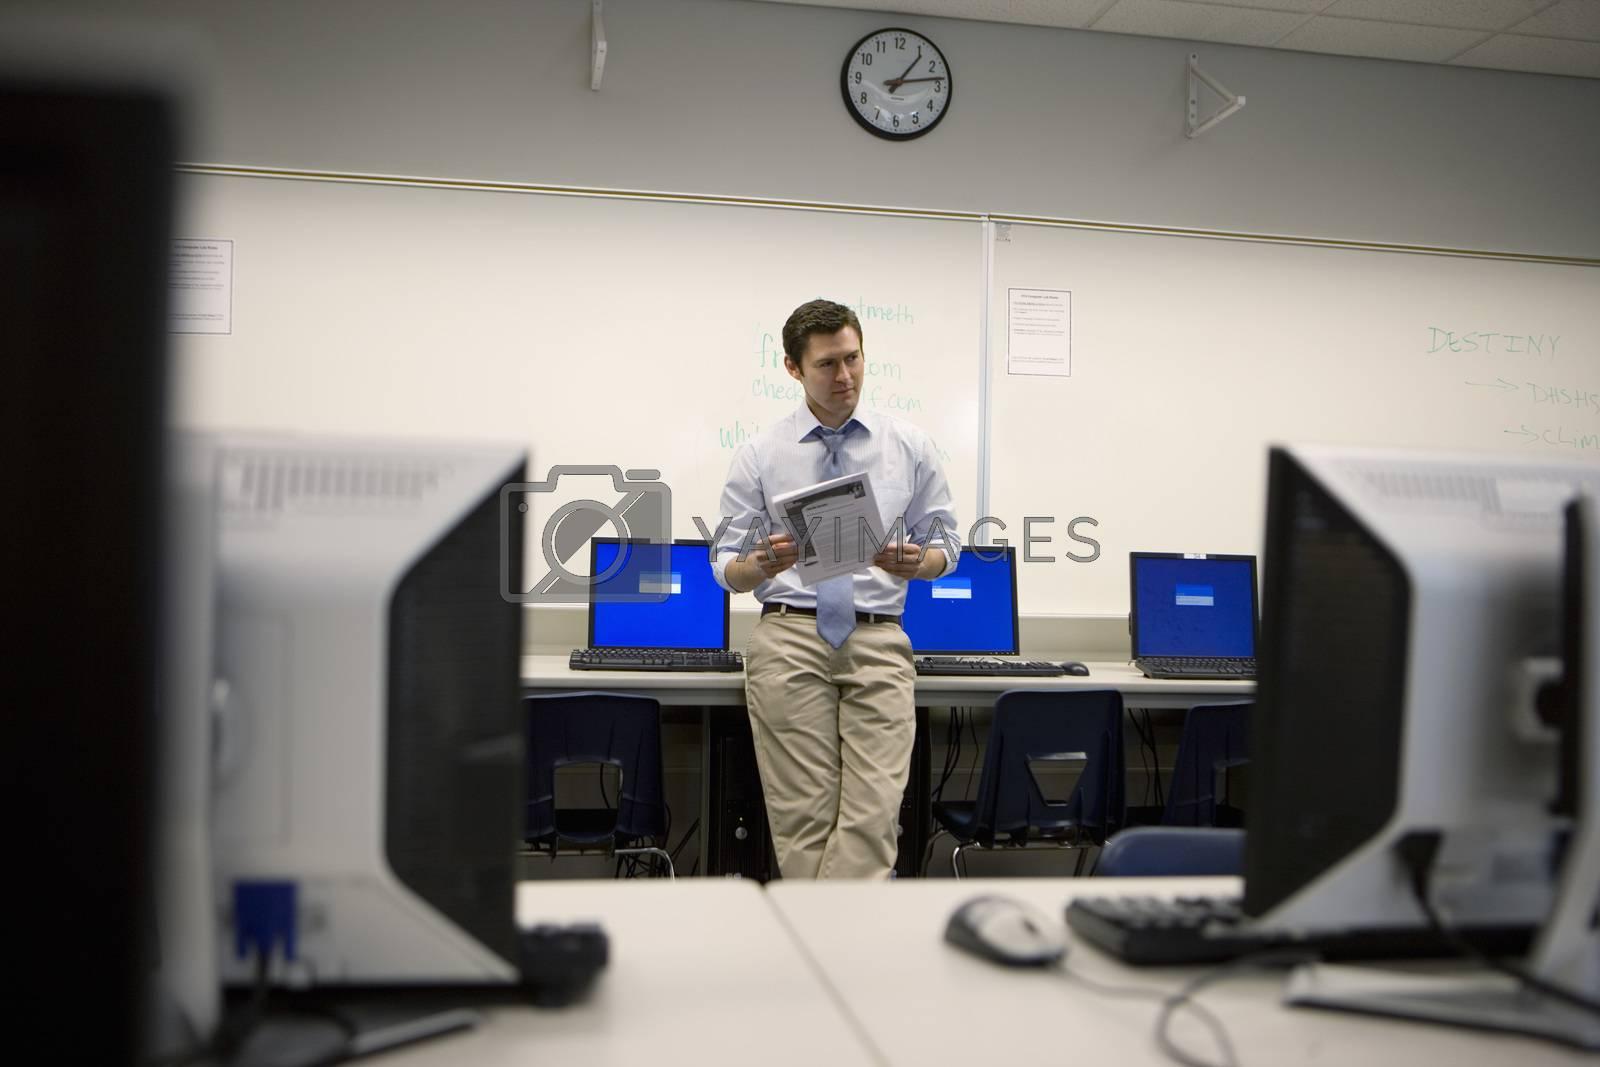 High School Teacher in Computer Lab